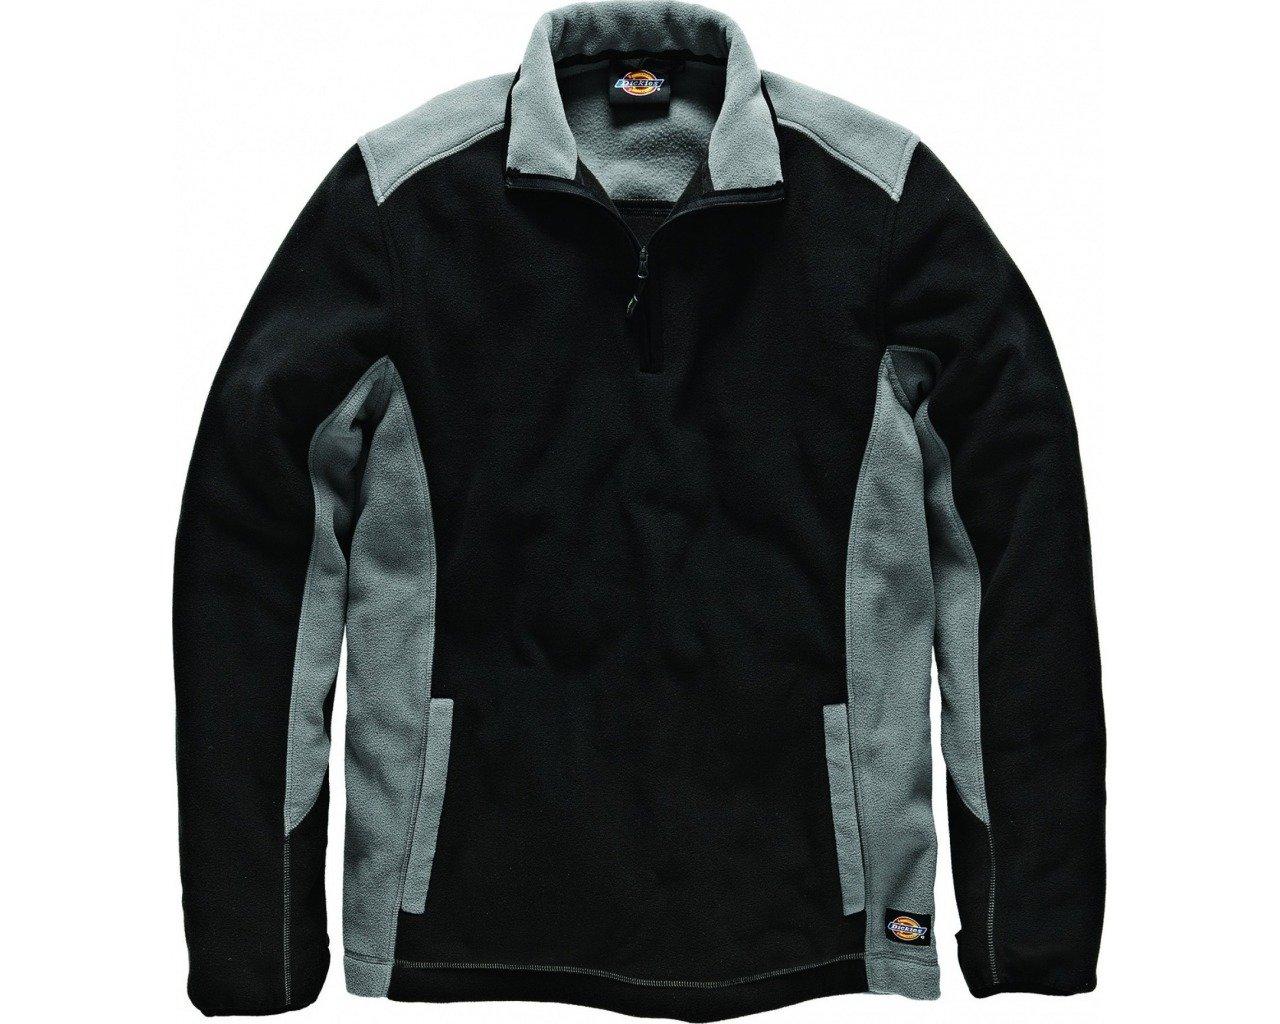 Dickies Two Tone Micro Fleece XL Black